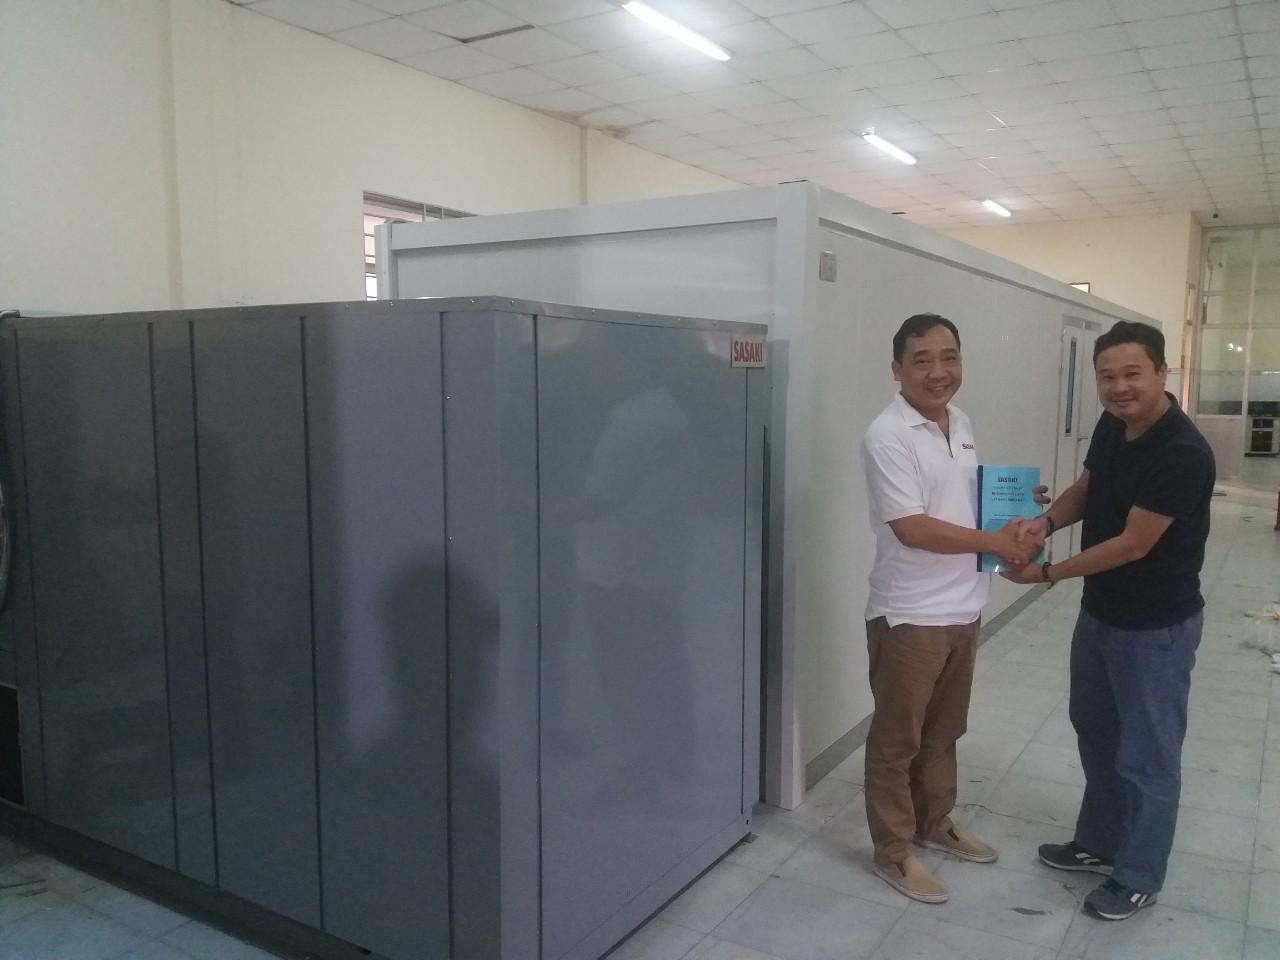 Máy sấy lạnh SASAKI. 3000kg/mẻ nguyên liệu đầu vào.